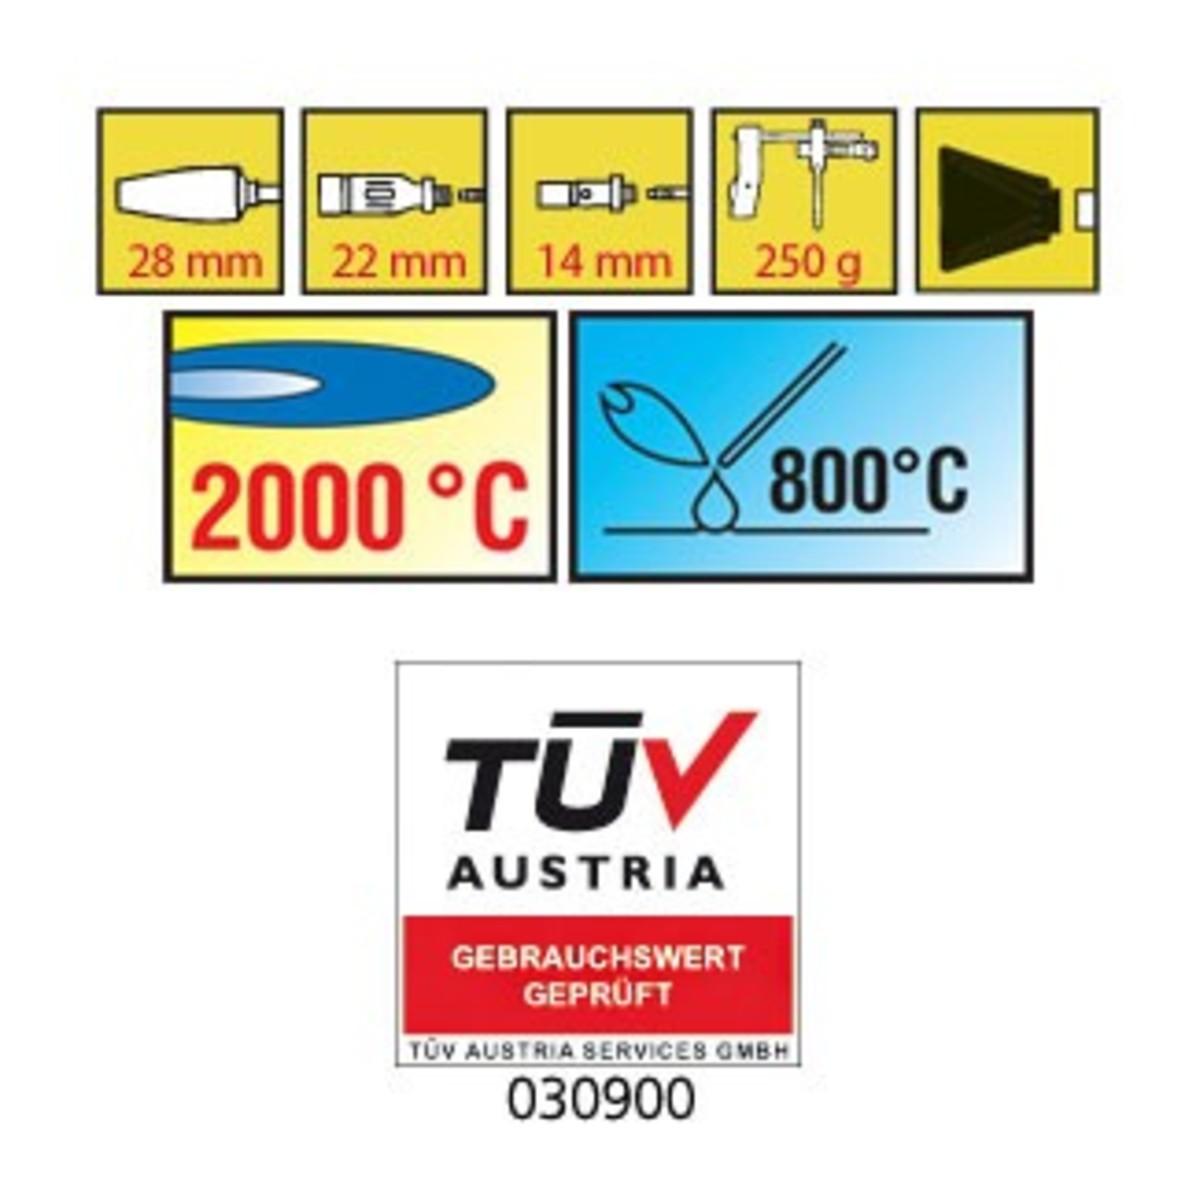 Bild 2 von Walter Turbo-Lötset 2000 °C, 15teilig